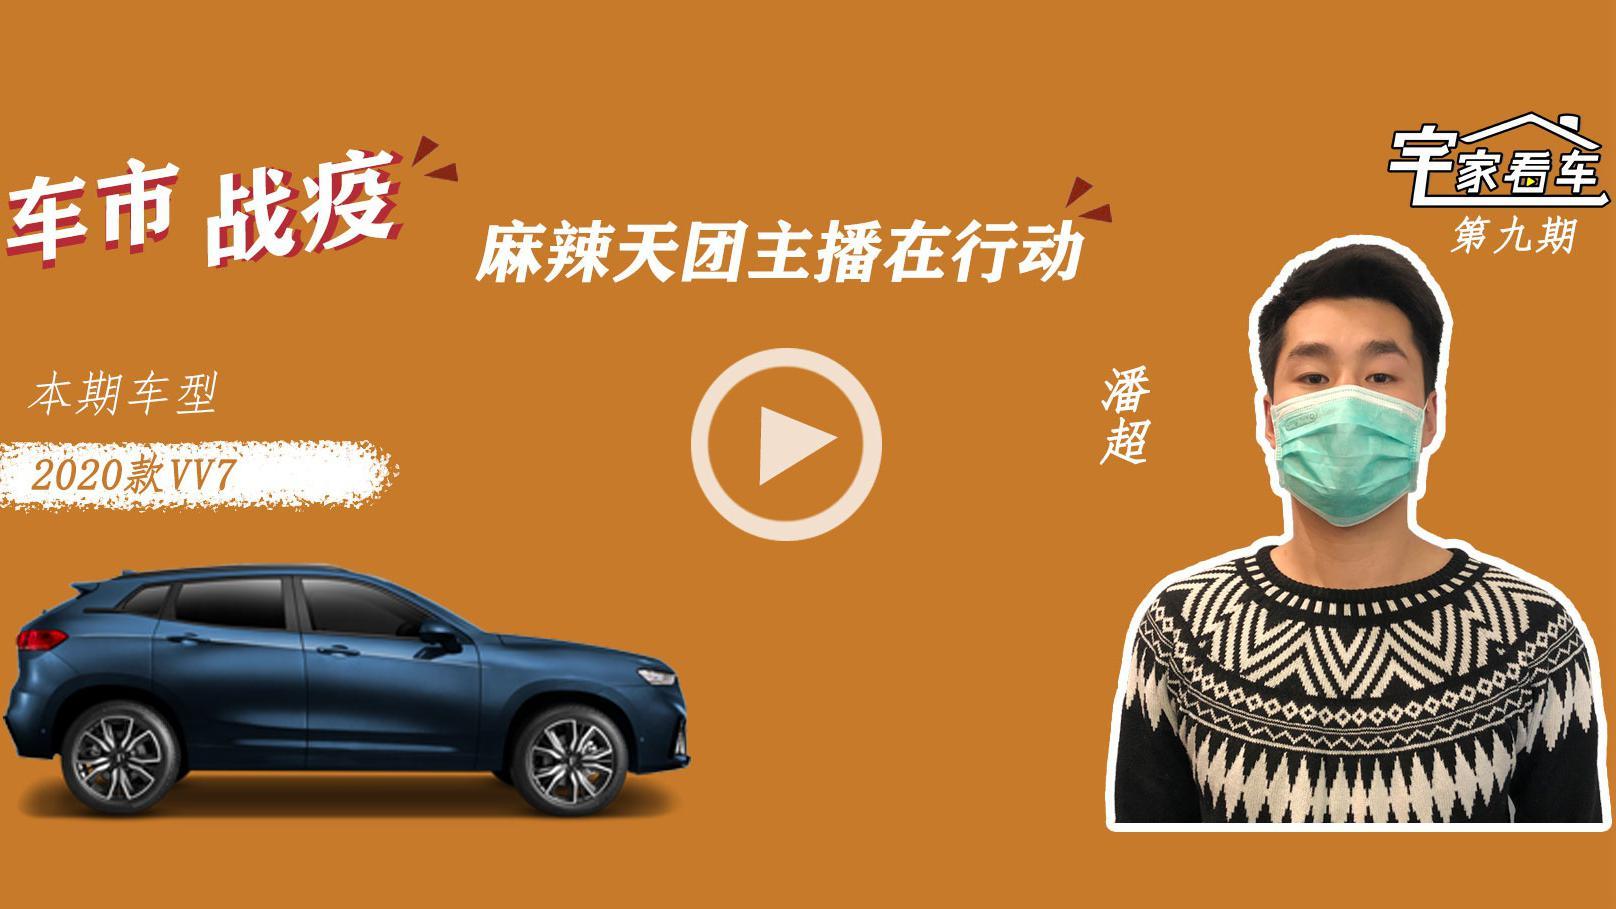 视频:不到17万买豪华SUV?除了VV7找不到答案丨宅家看车第9期